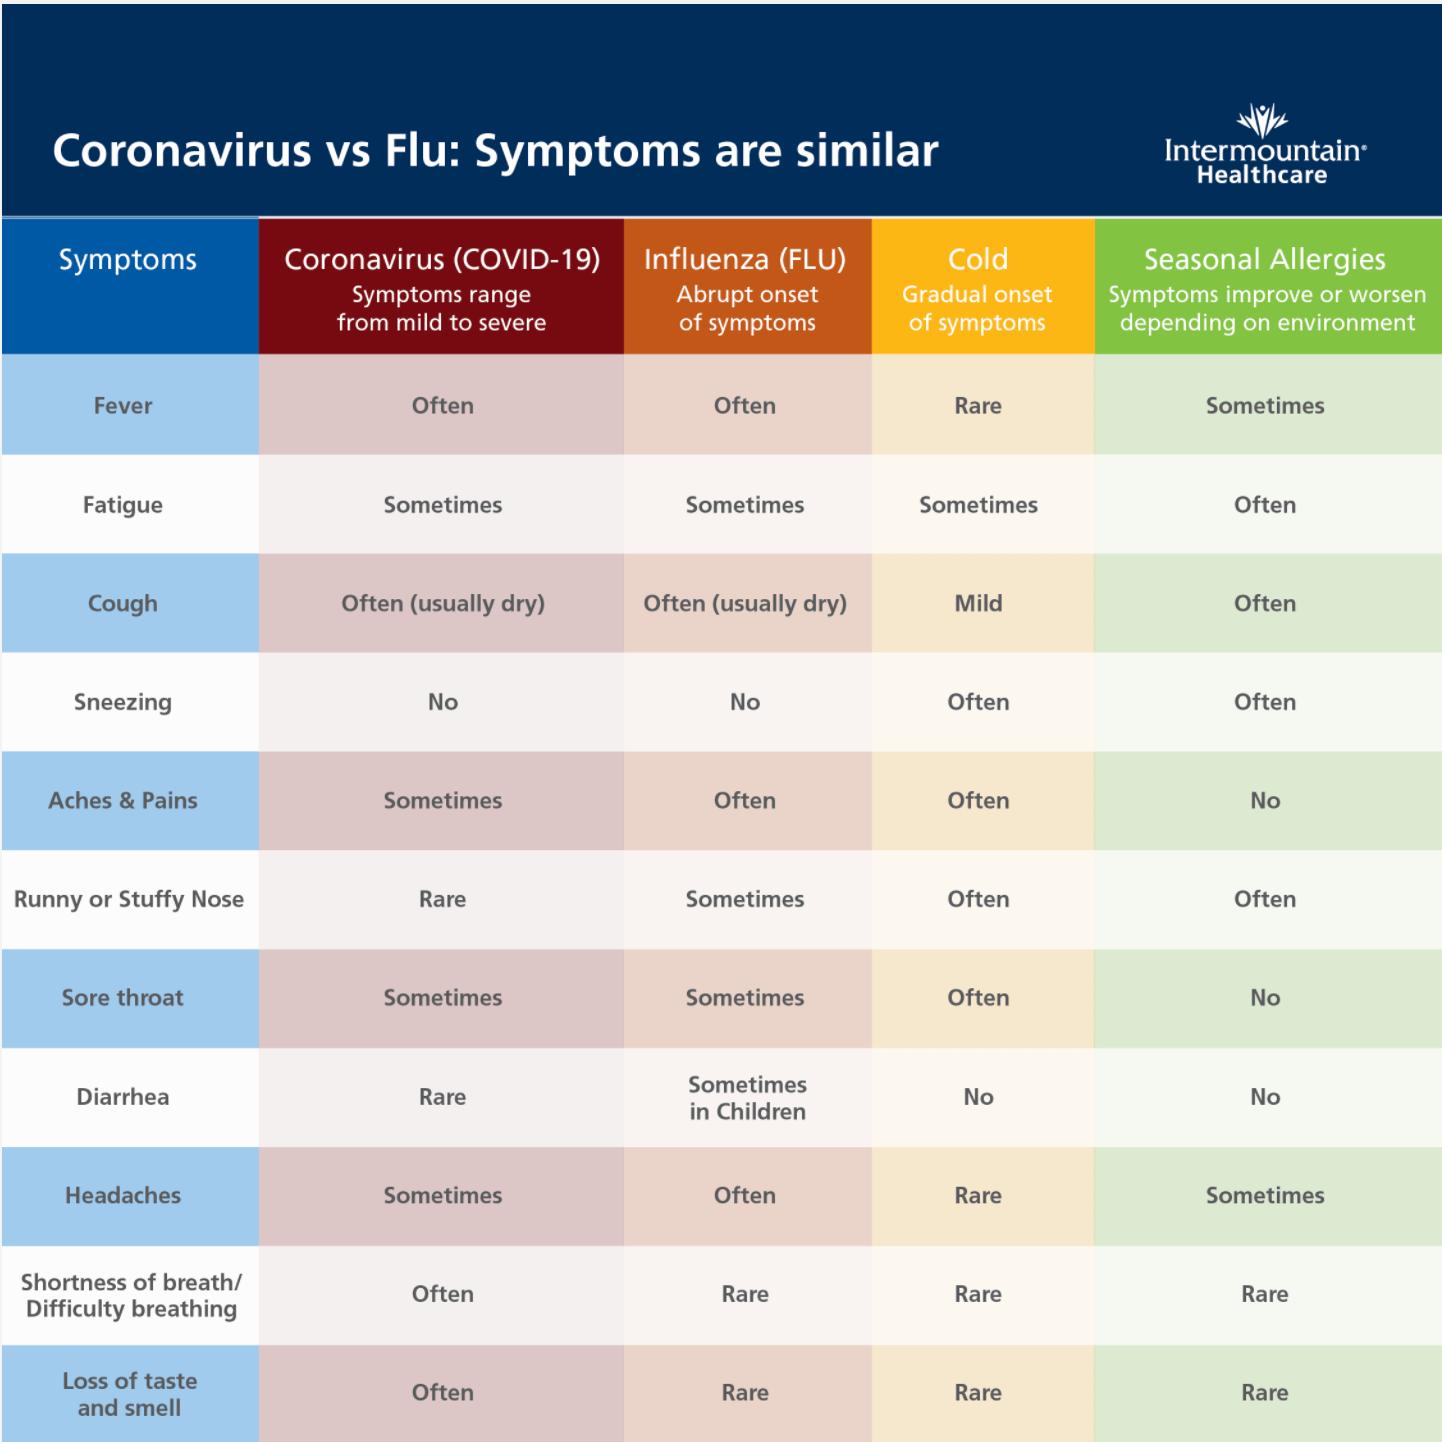 COVID, Flu, Cold, Allergies Comparison